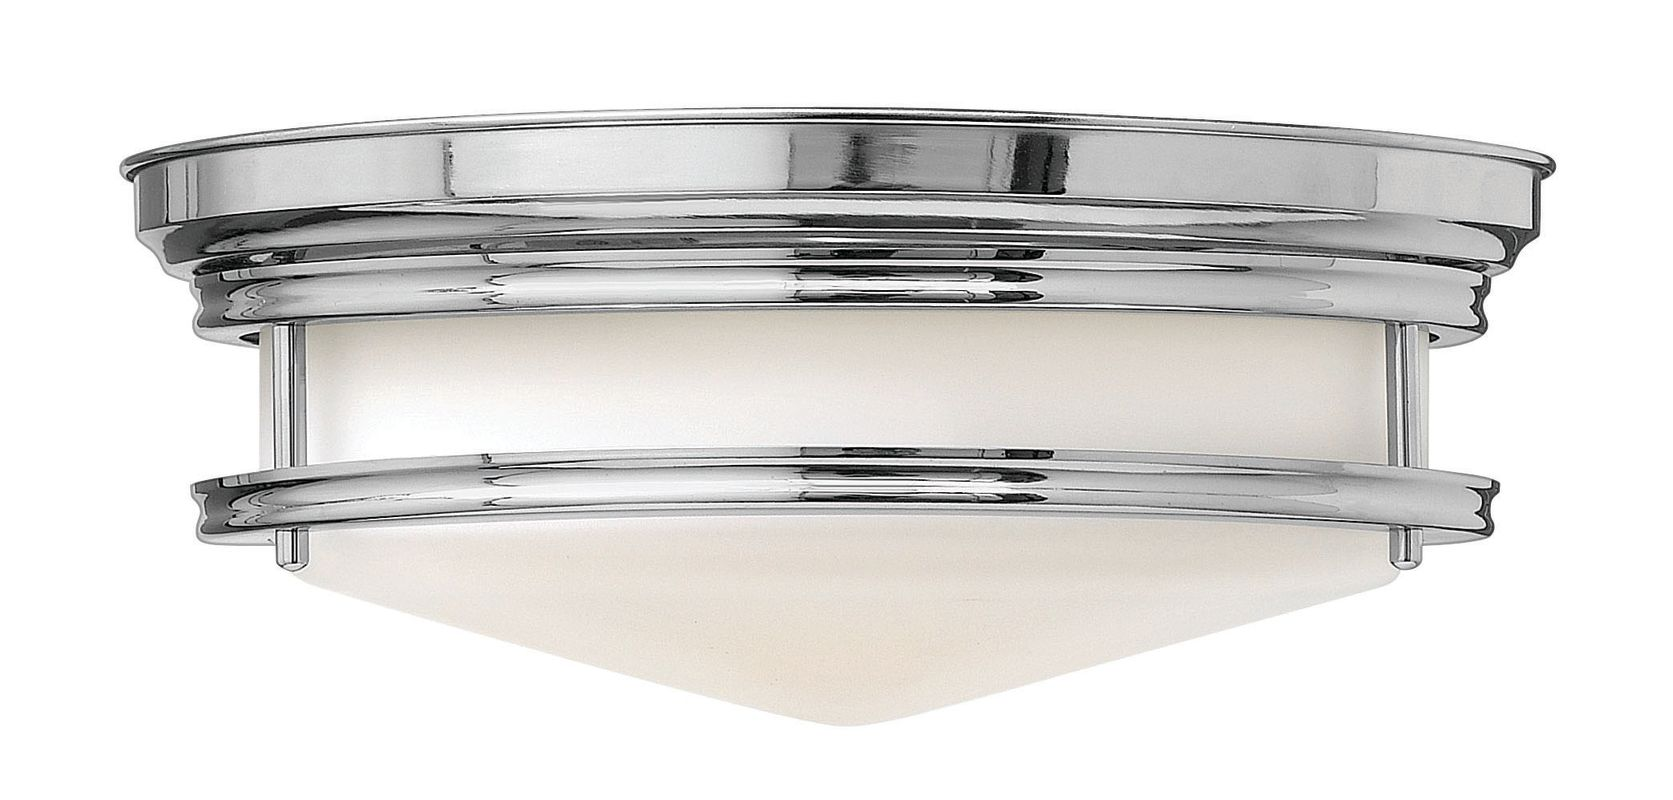 Hinkley Lighting 3301-GU24 3 Light Title 24 Fluorescent Flush Mount Sale $269.00 ITEM#: 2635251 MODEL# :3301CM-GU24 UPC#: 640665330328 :